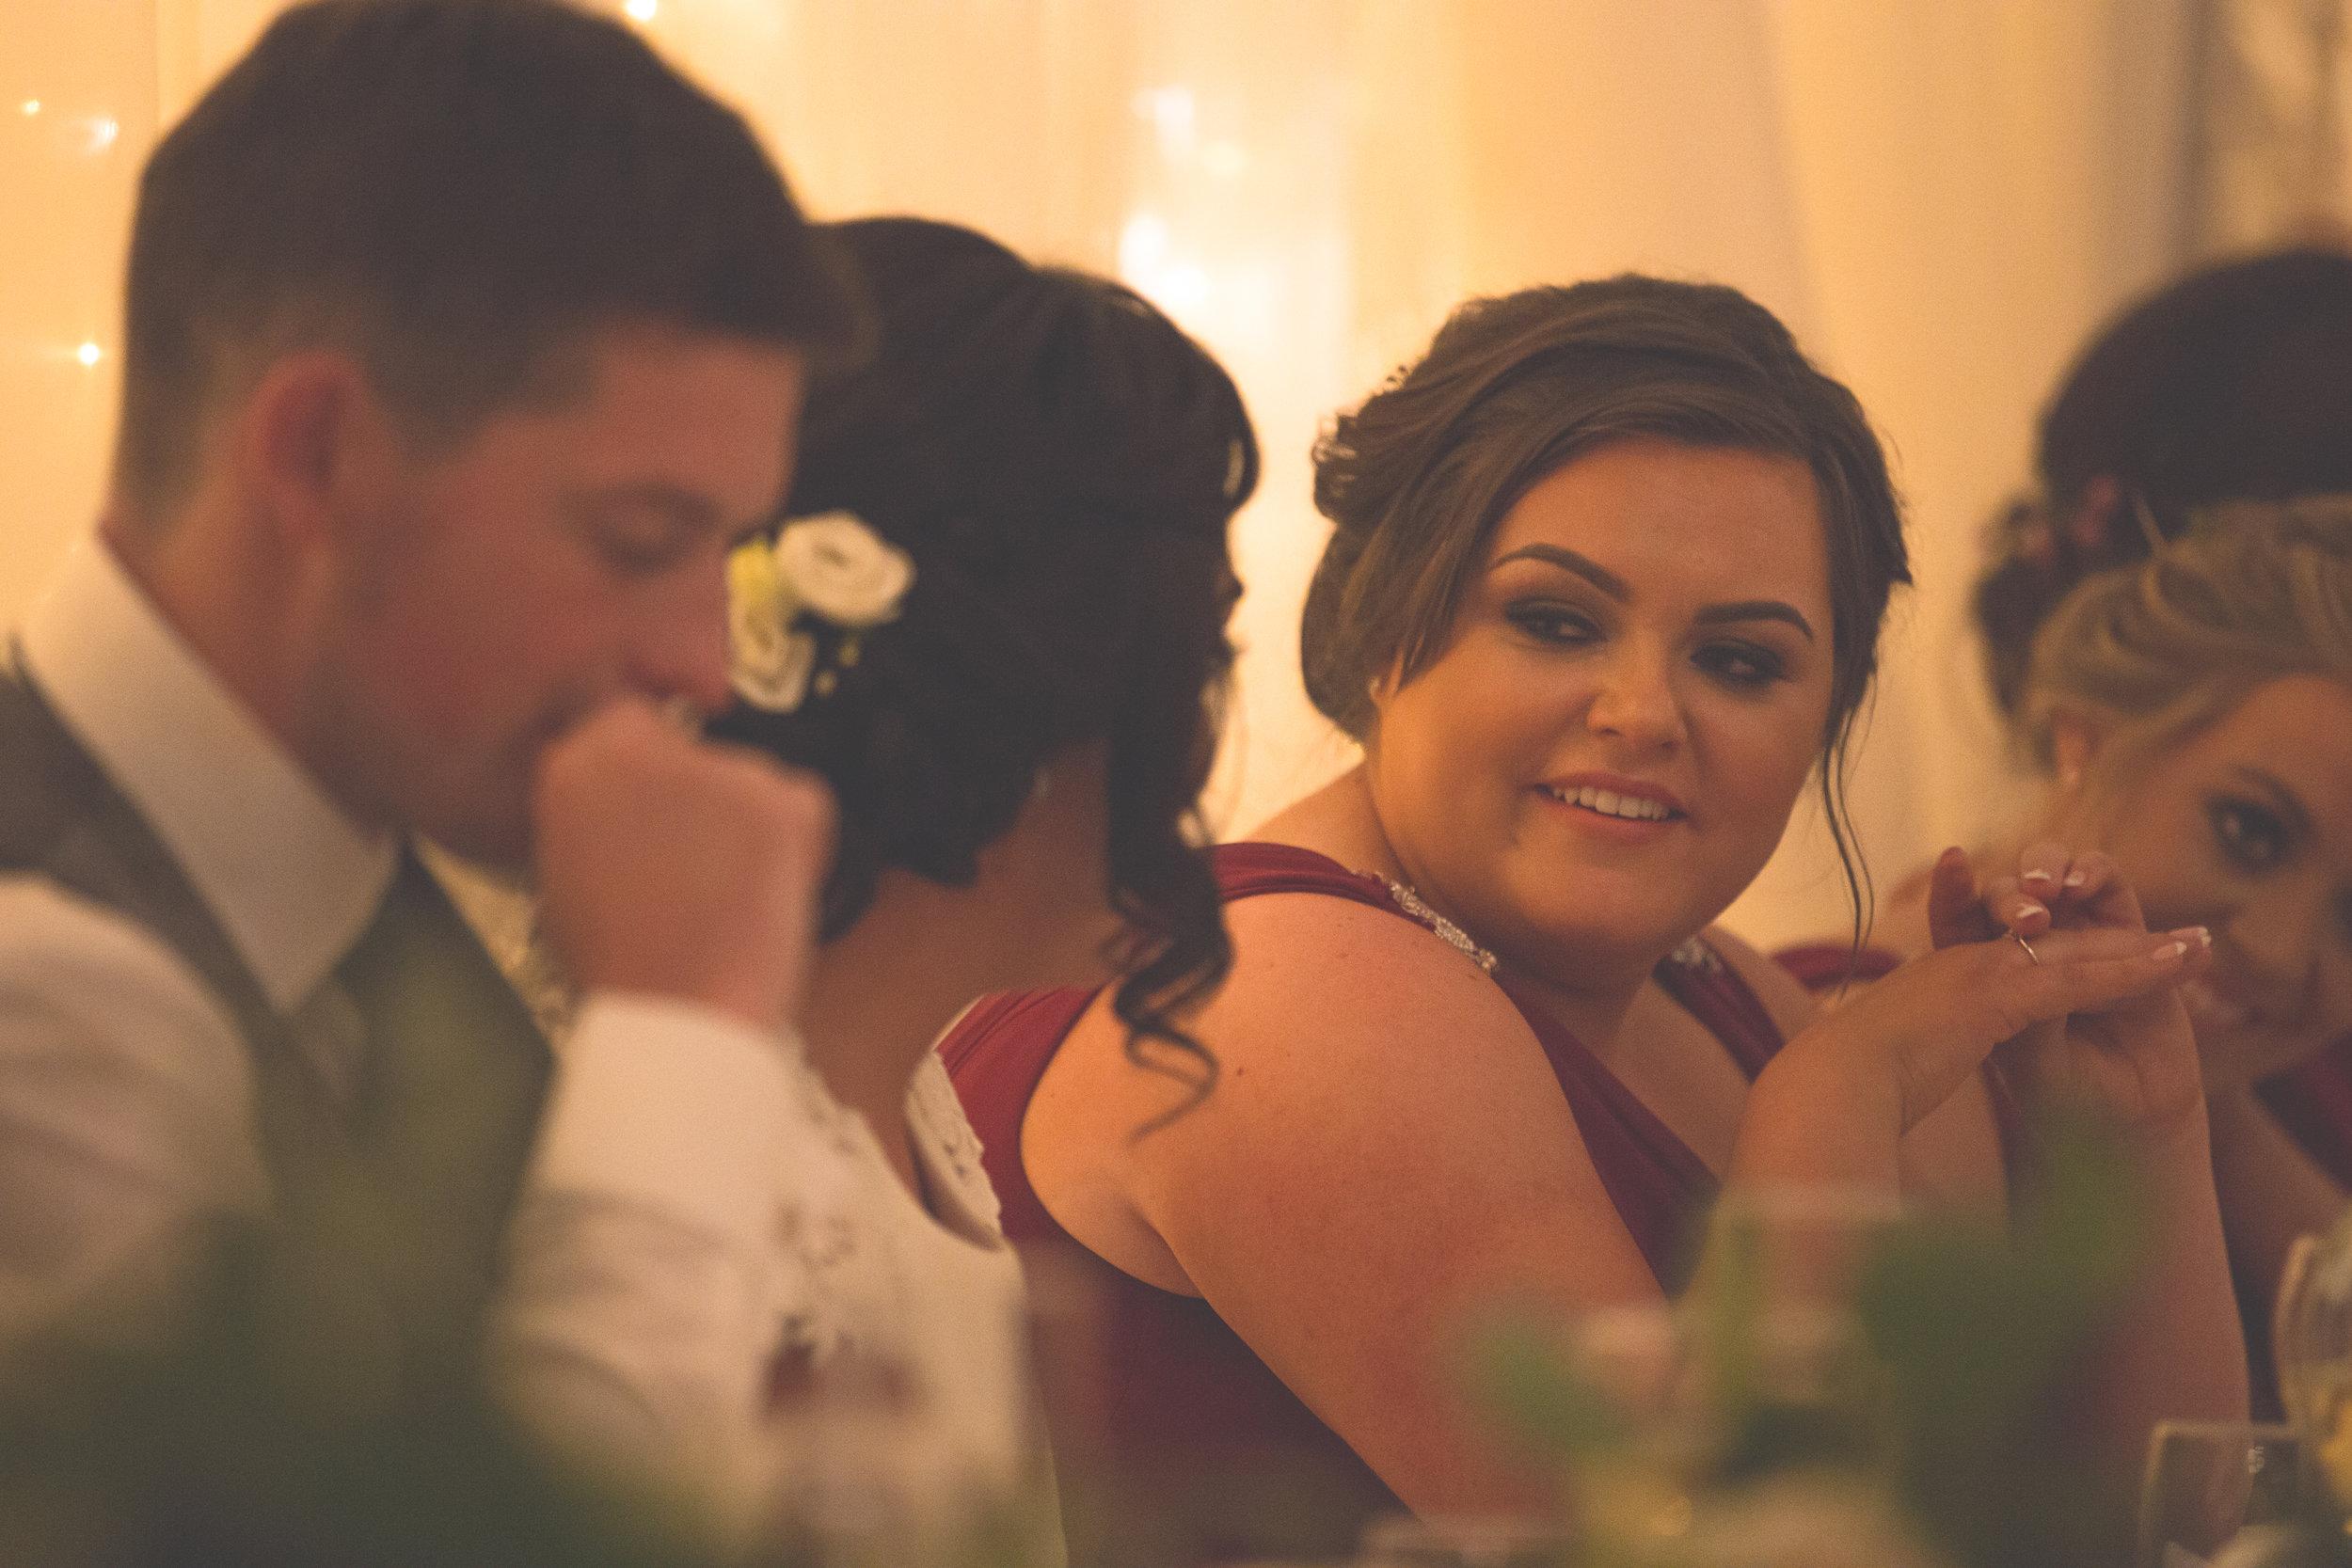 Brian McEwan Wedding Photography | Carol-Anne & Sean | The Speeches-56.jpg